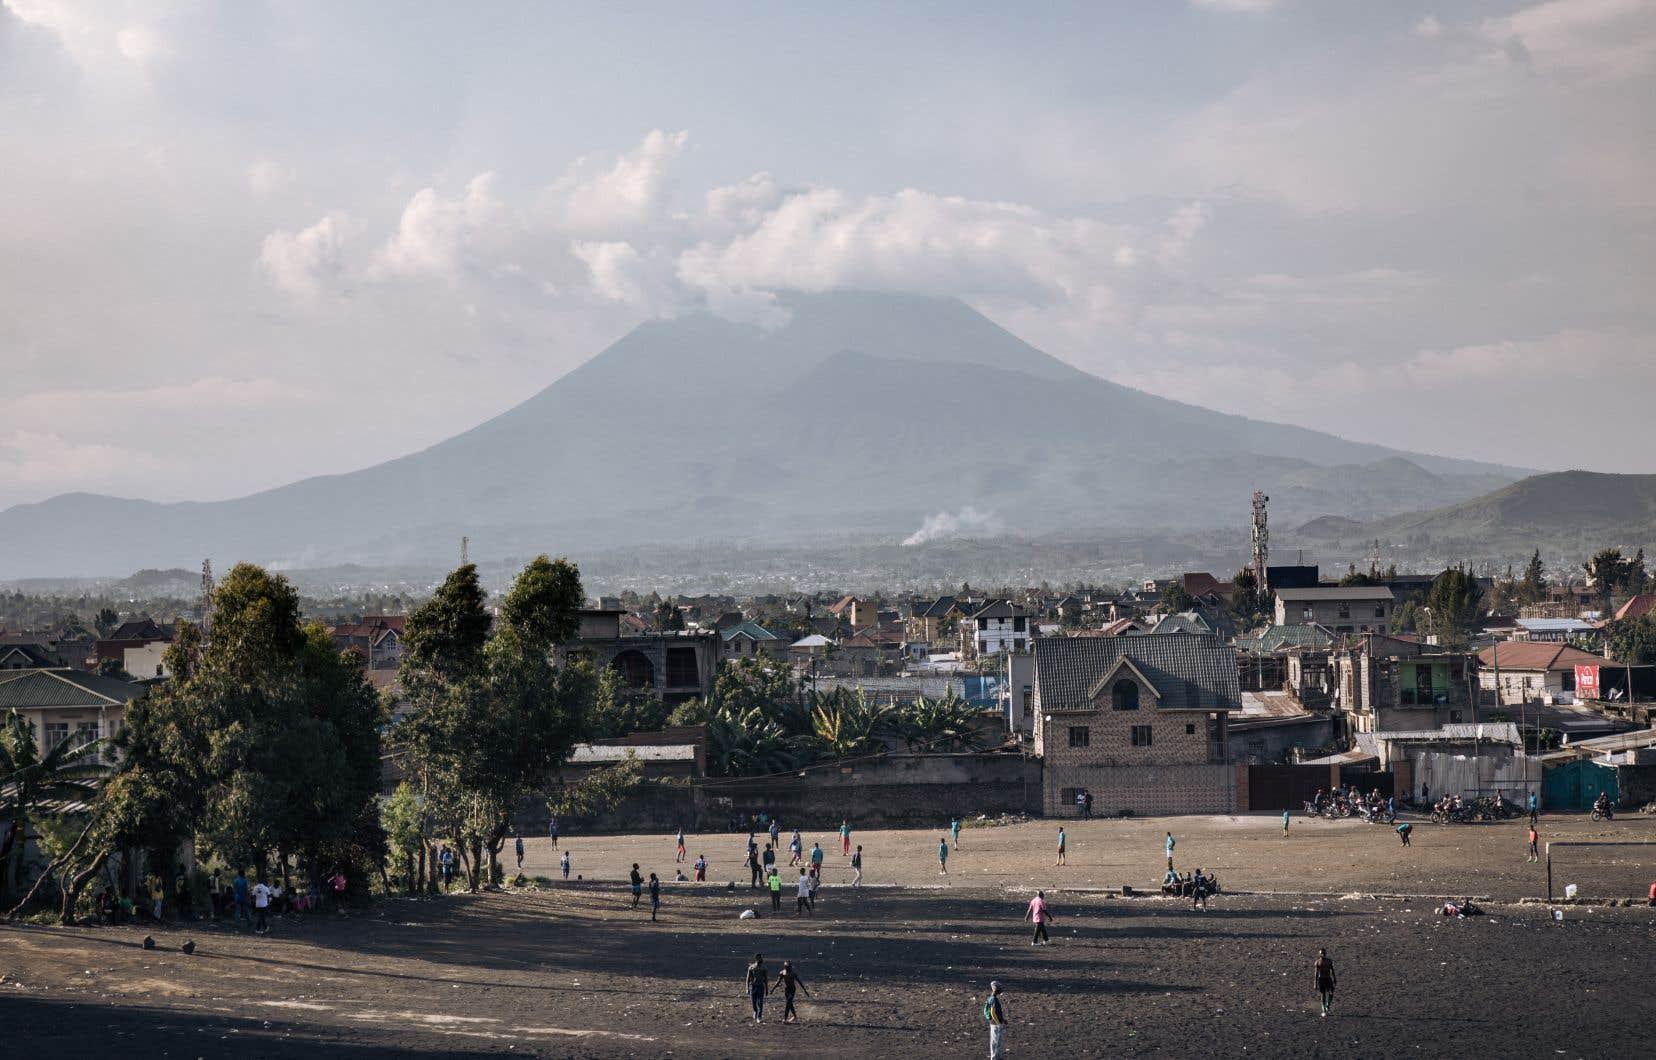 L'éruption du volcan Nyiragongo au nord de Goma au Congo le 22mai a fait au moins 32 morts selon le bilan officiel et détruit des centaines de maisons.